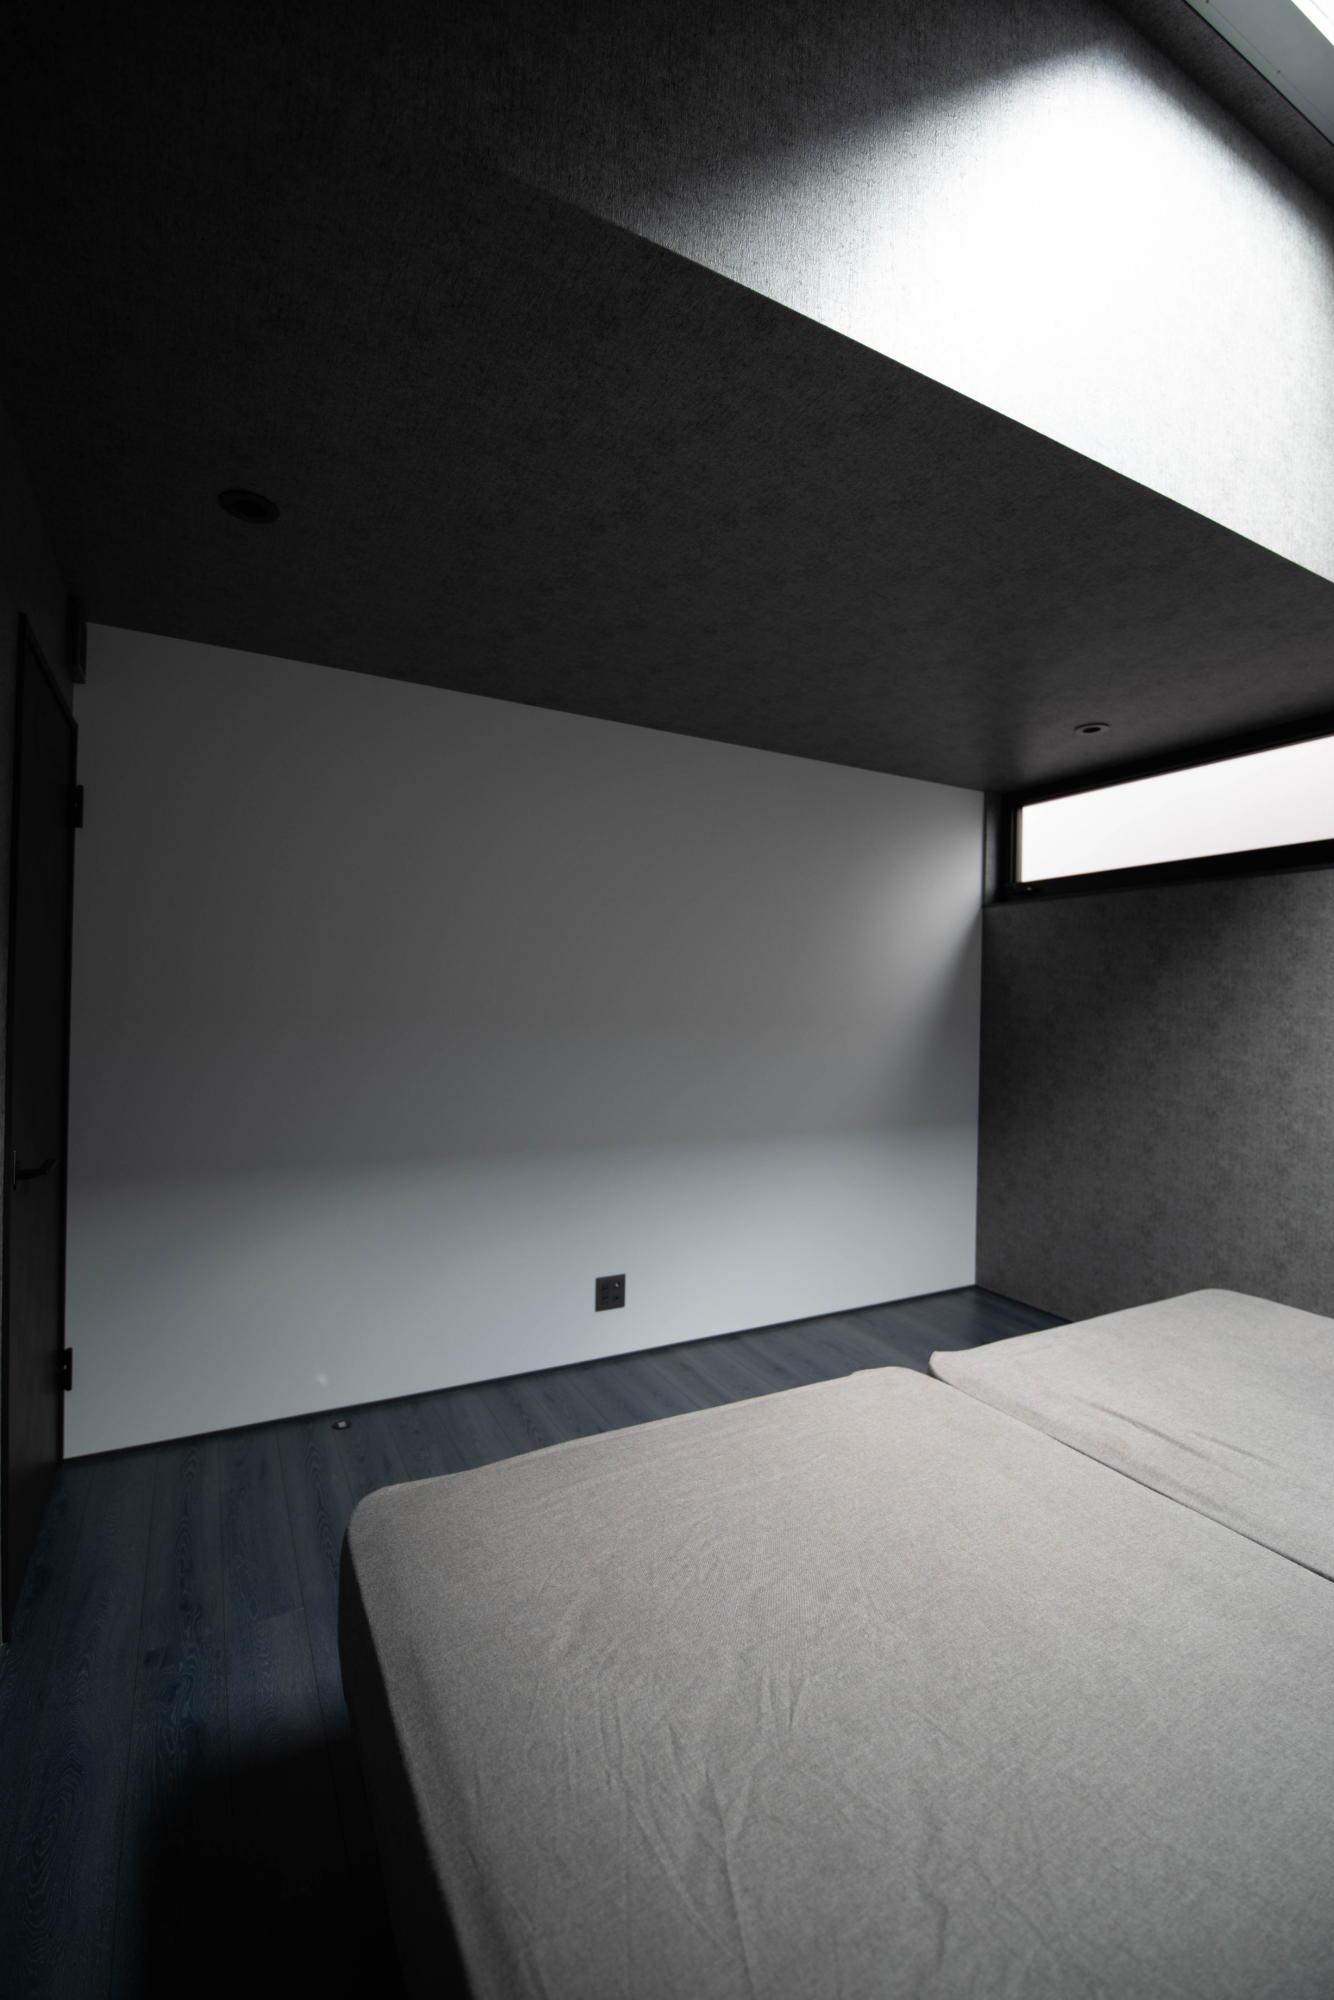 ブラックコーディネートの家 スクリーン壁